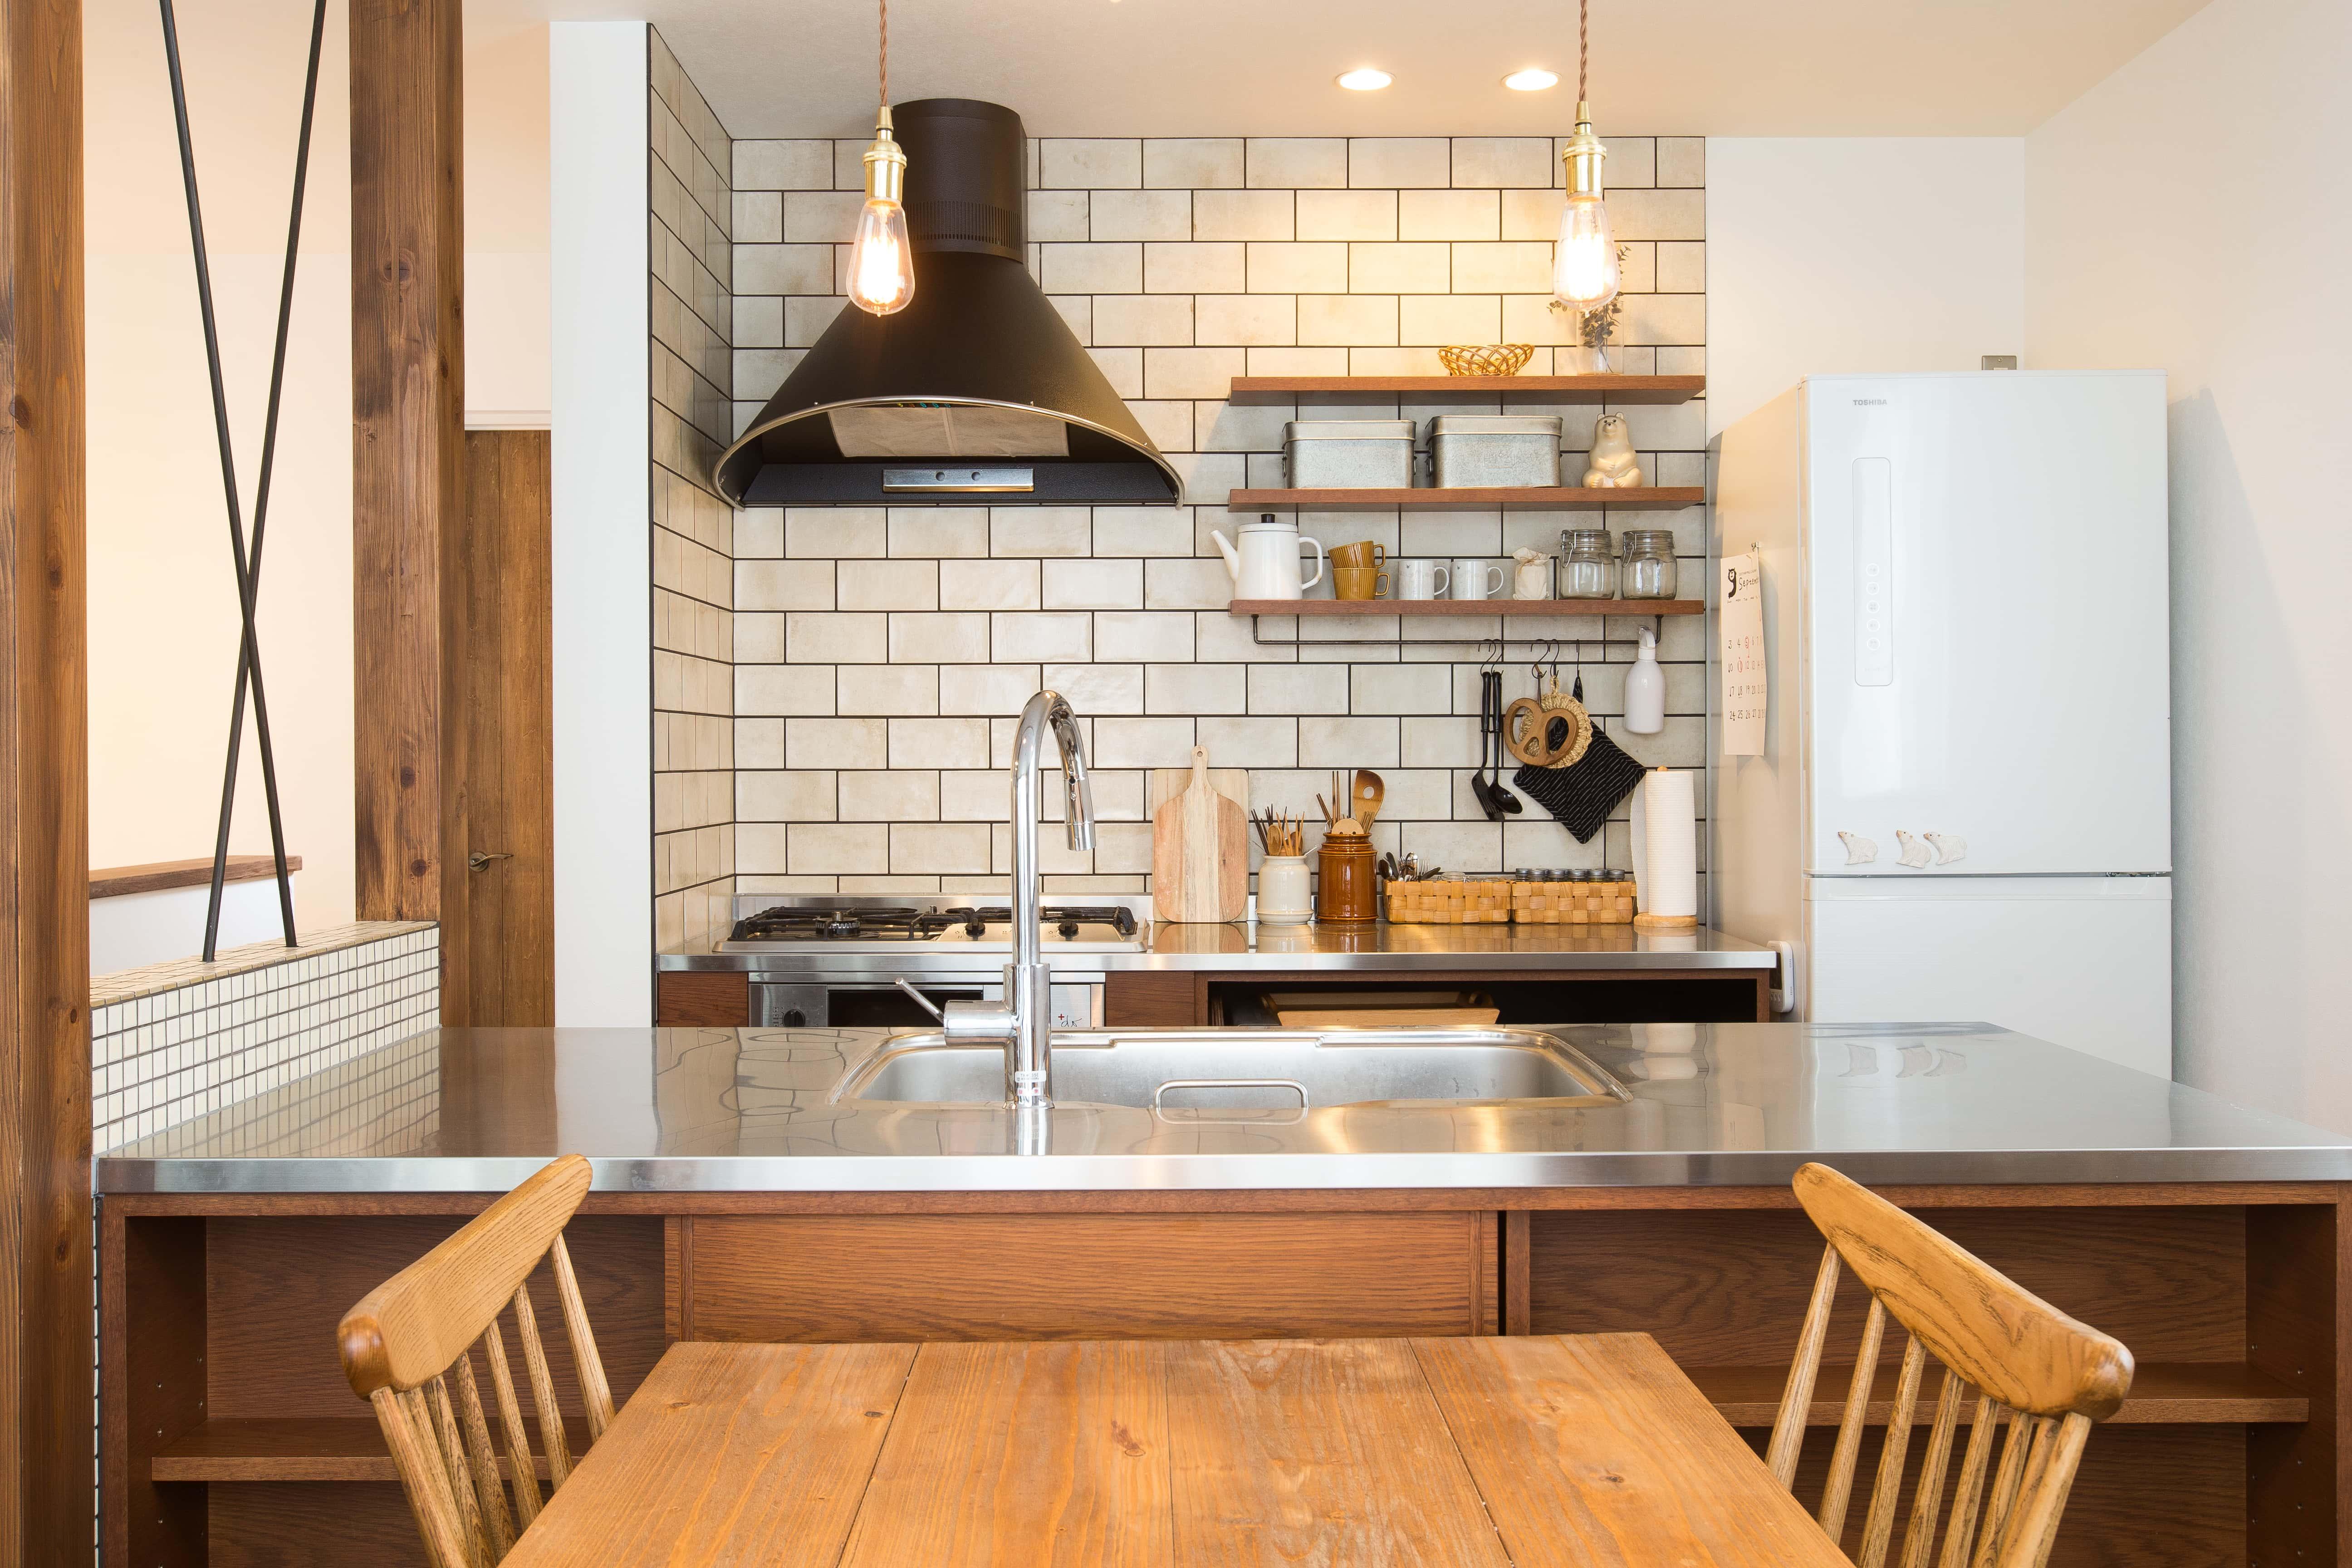 ステンレス天板にヴィンテージ感のあるオーク材で組み合わせたオリジナルキッチン